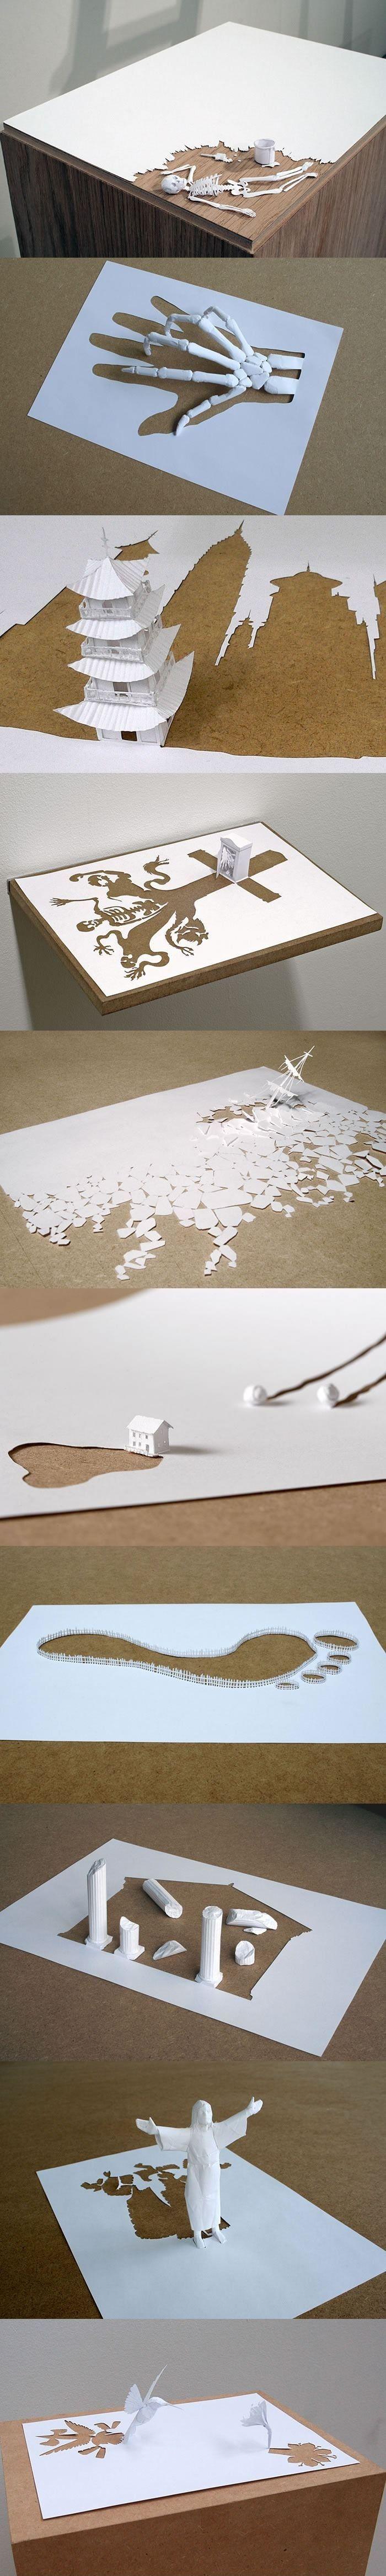 Paper Art by Peter Callesen